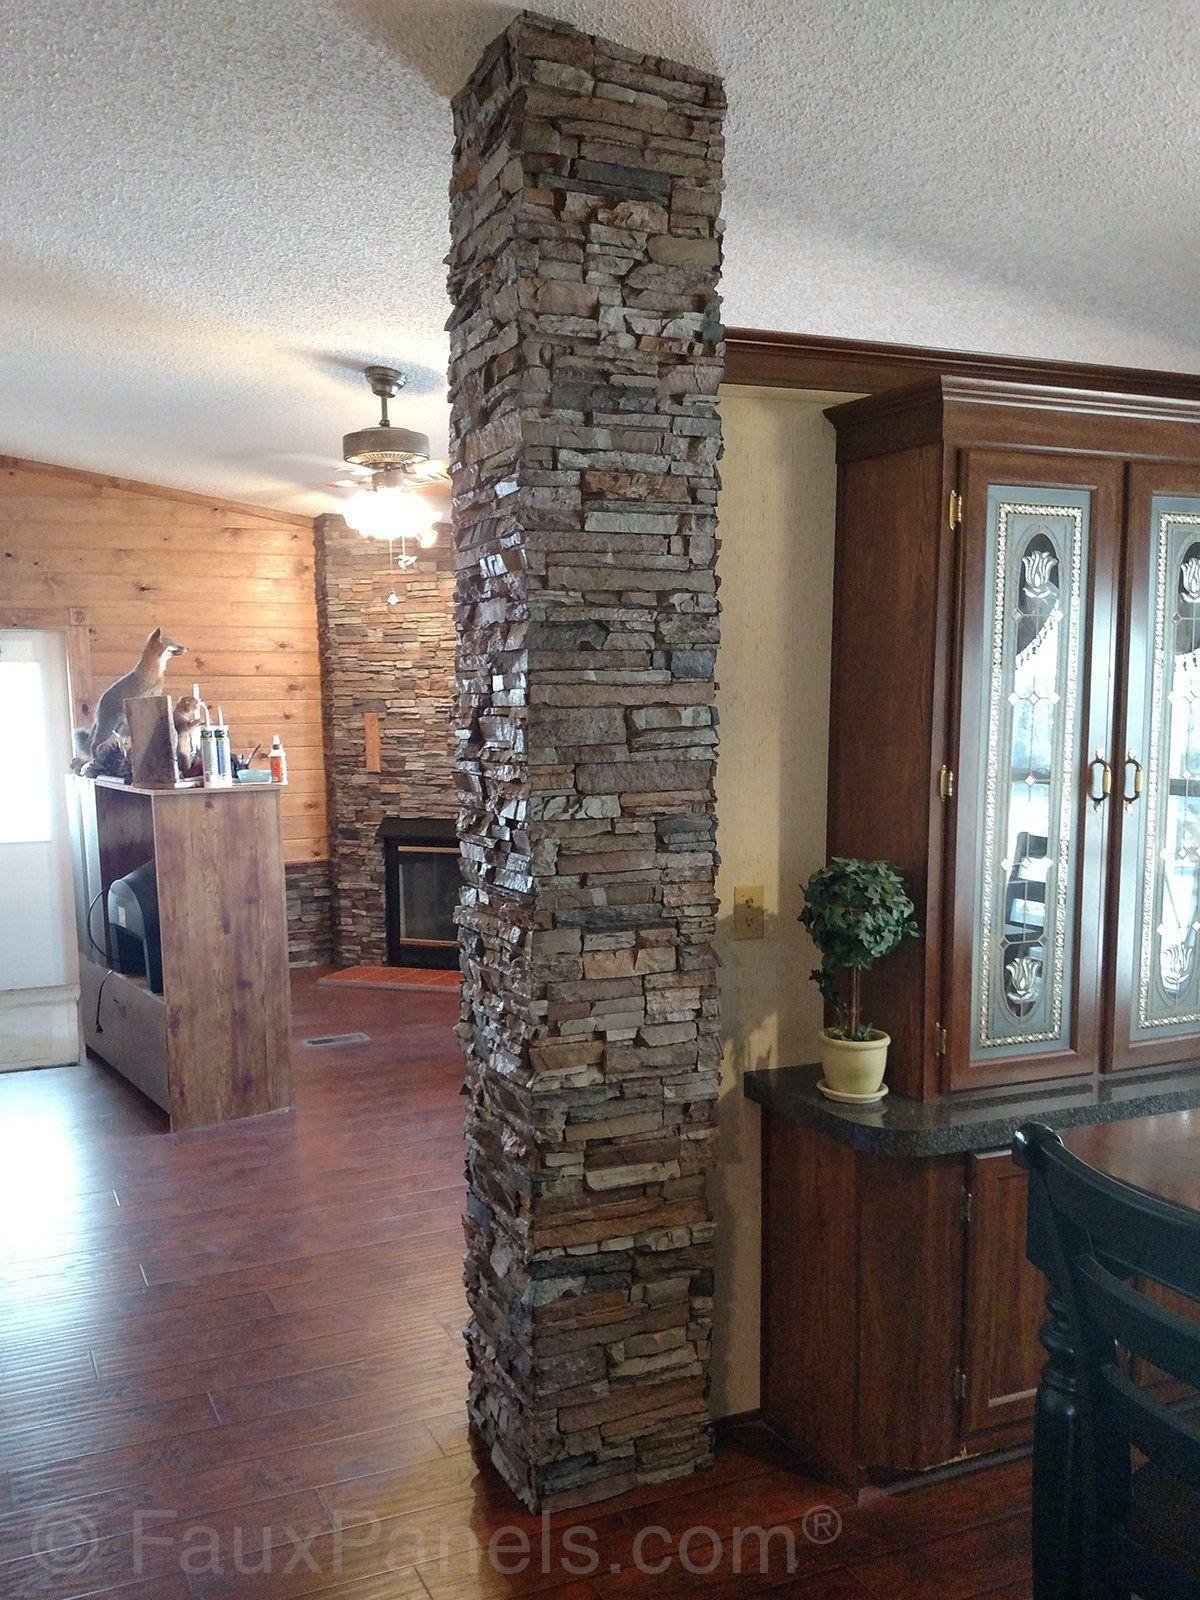 norwich fake stone siding photos home renovation ideas design rh pinterest com